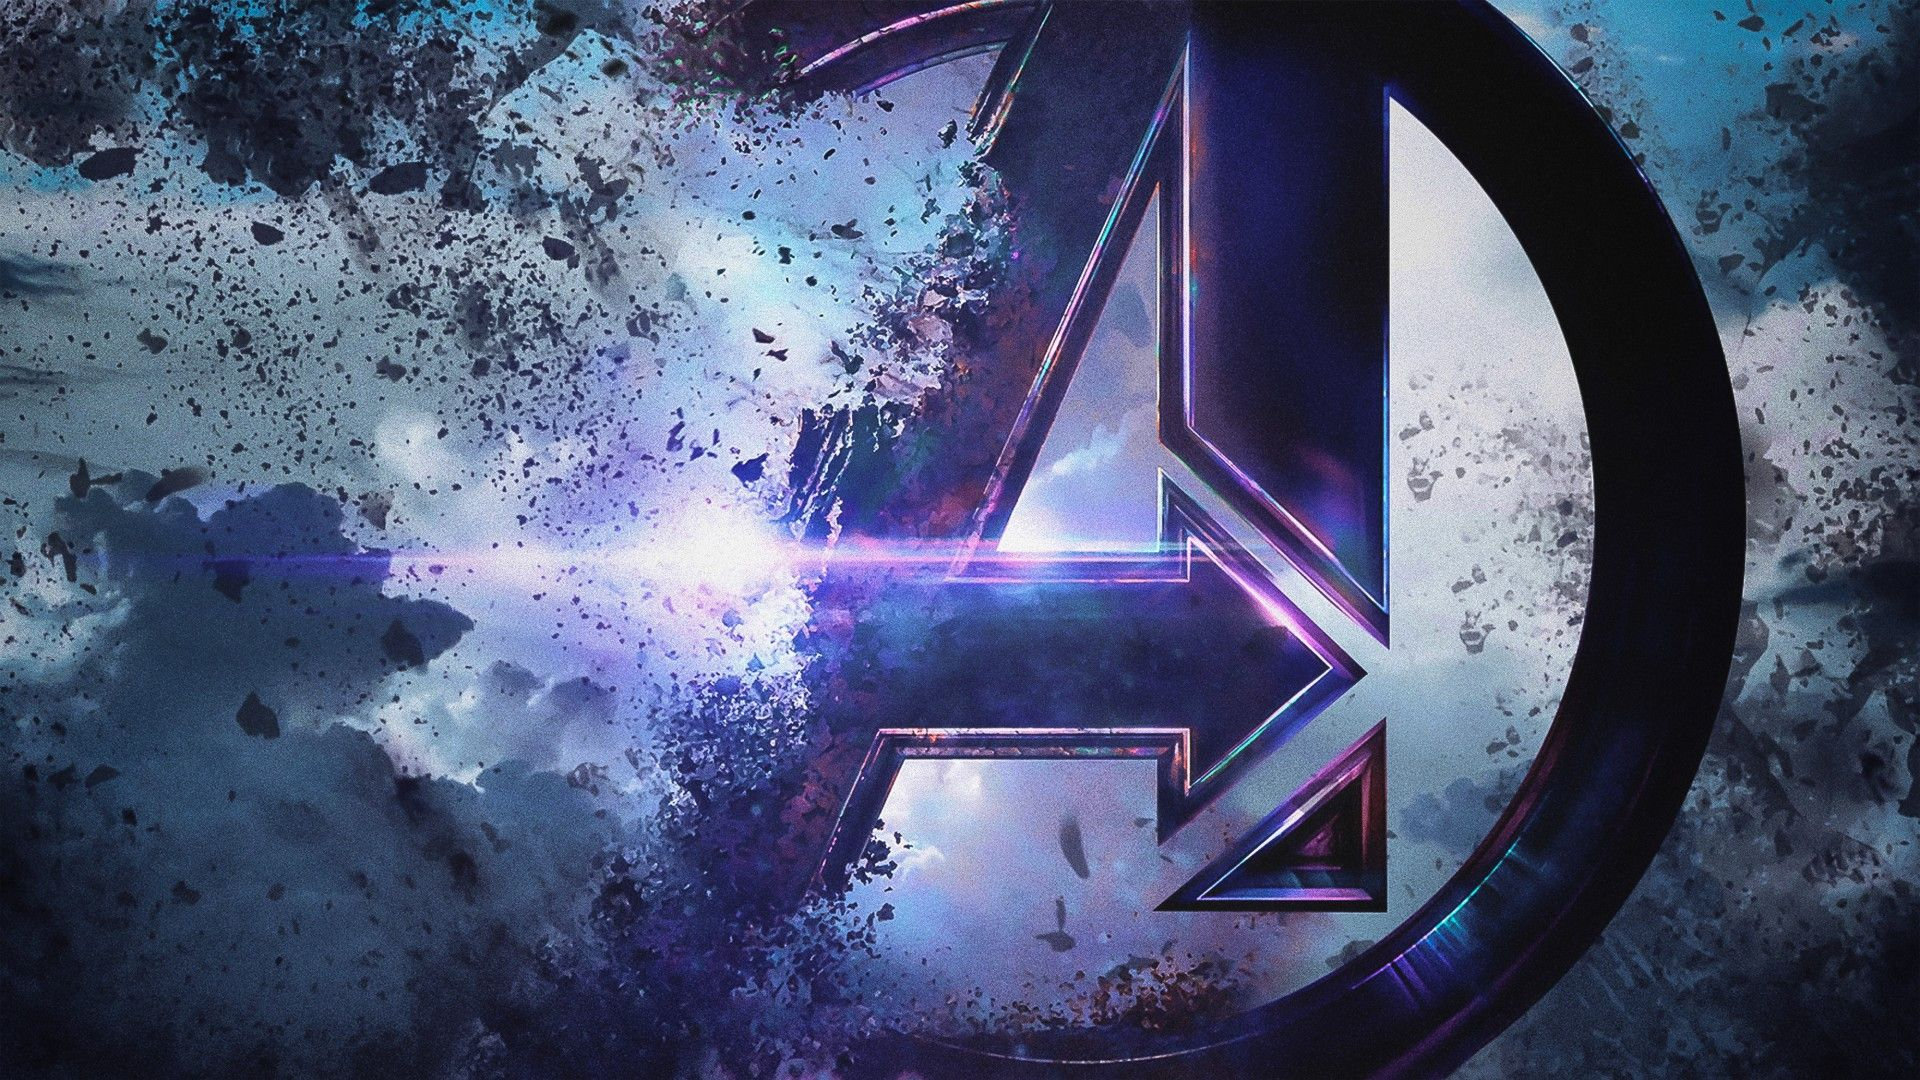 Avengers Endgame Wallpaper Elegant Avengers Endgame Logo Wallpaper Wallpaper Stream Of Avenge In 2020 Avengers Wallpaper Marvel Wallpaper Iron Man Hd Wallpaper